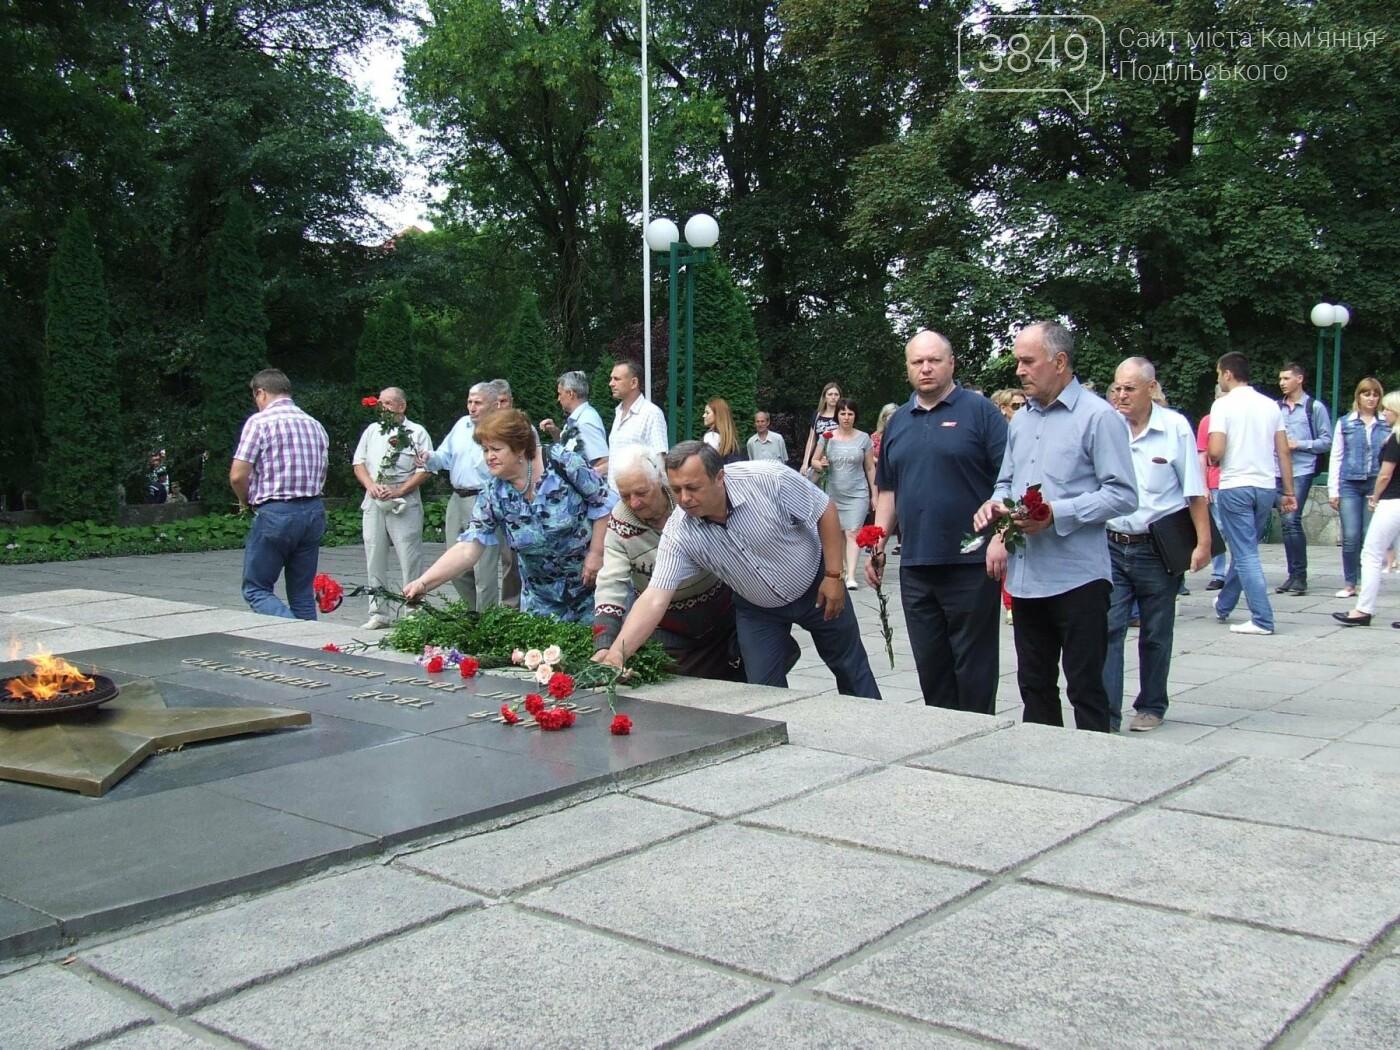 У Сквері танкістів вшанували пам'ять полеглих під час Другої світової війни, фото-5